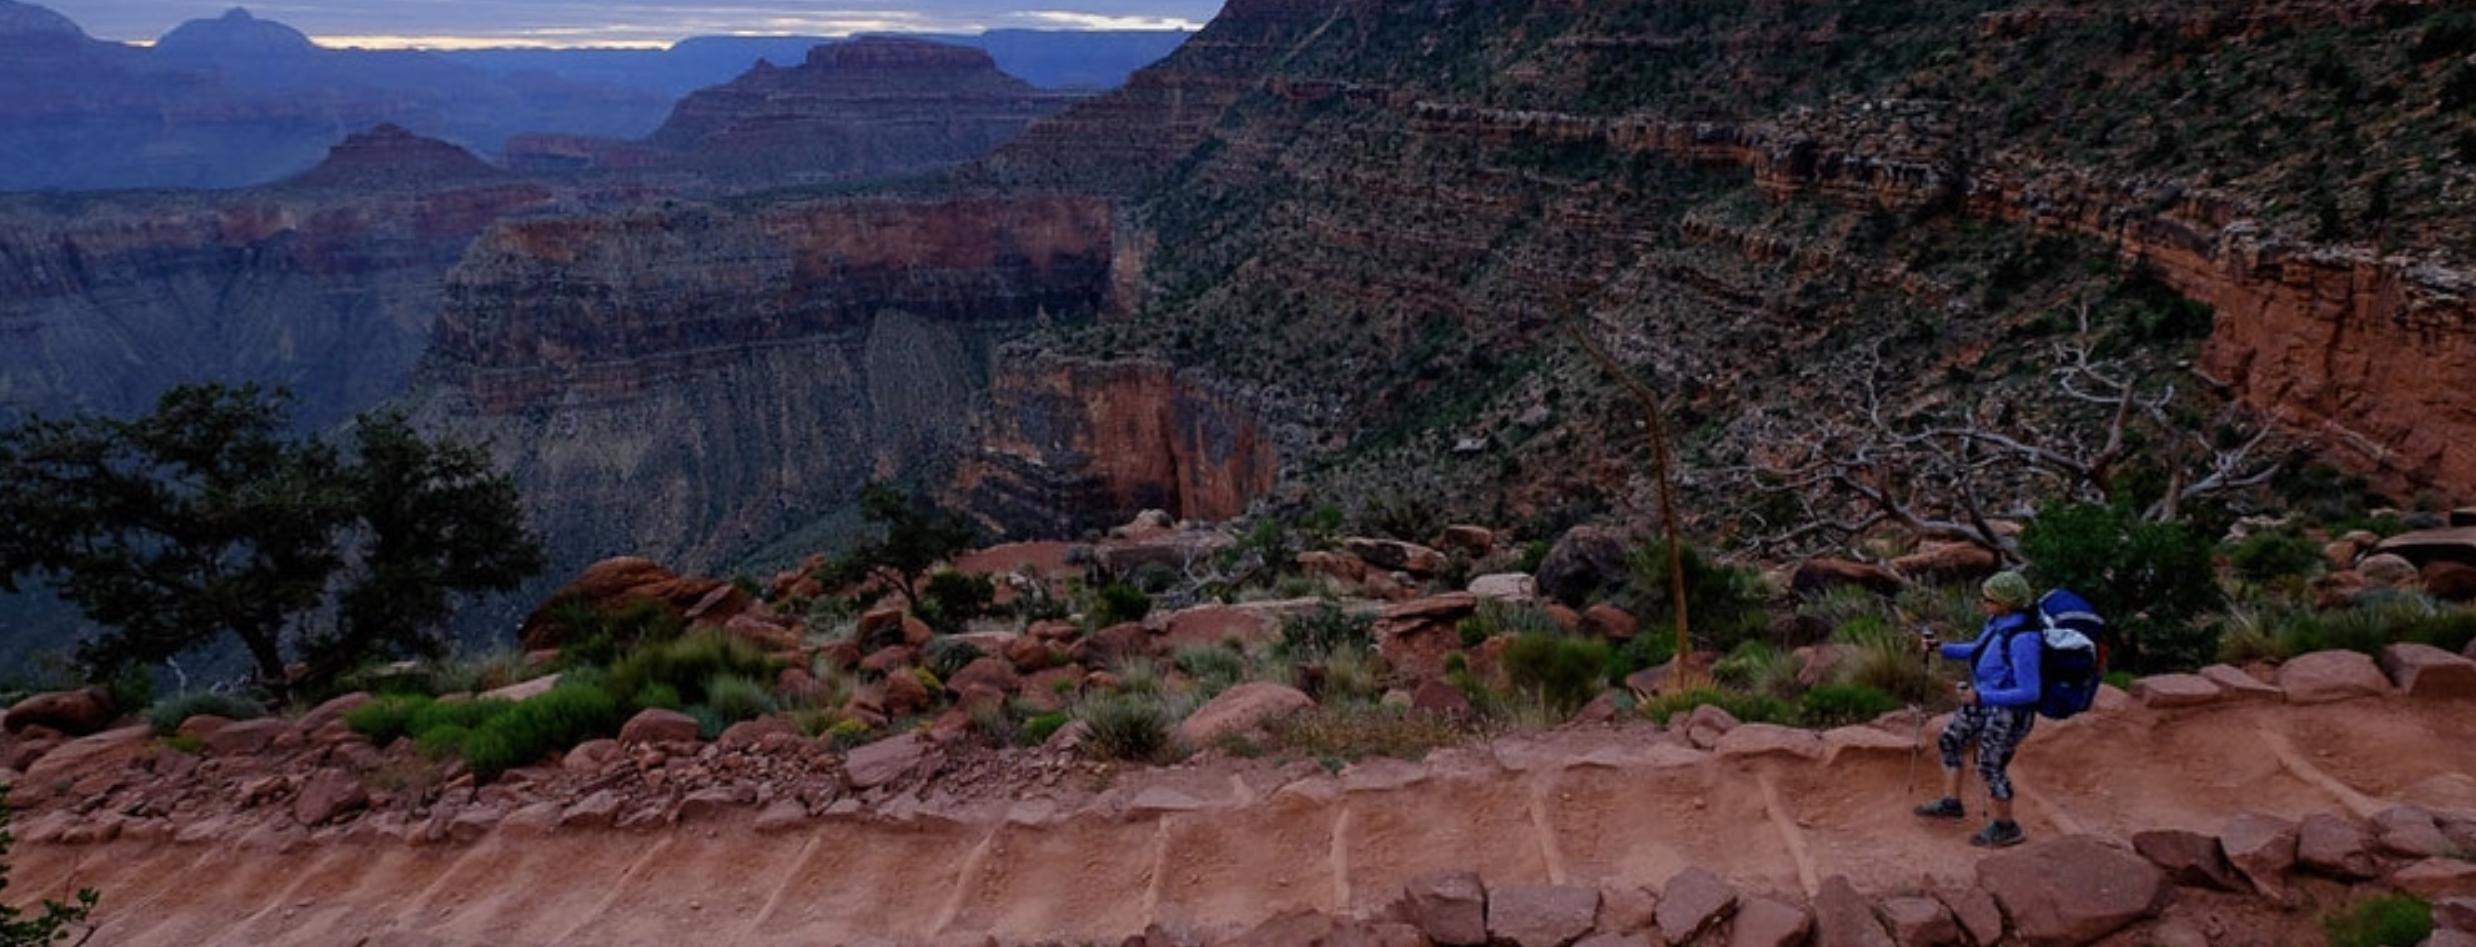 Vandra i Grand Canyon